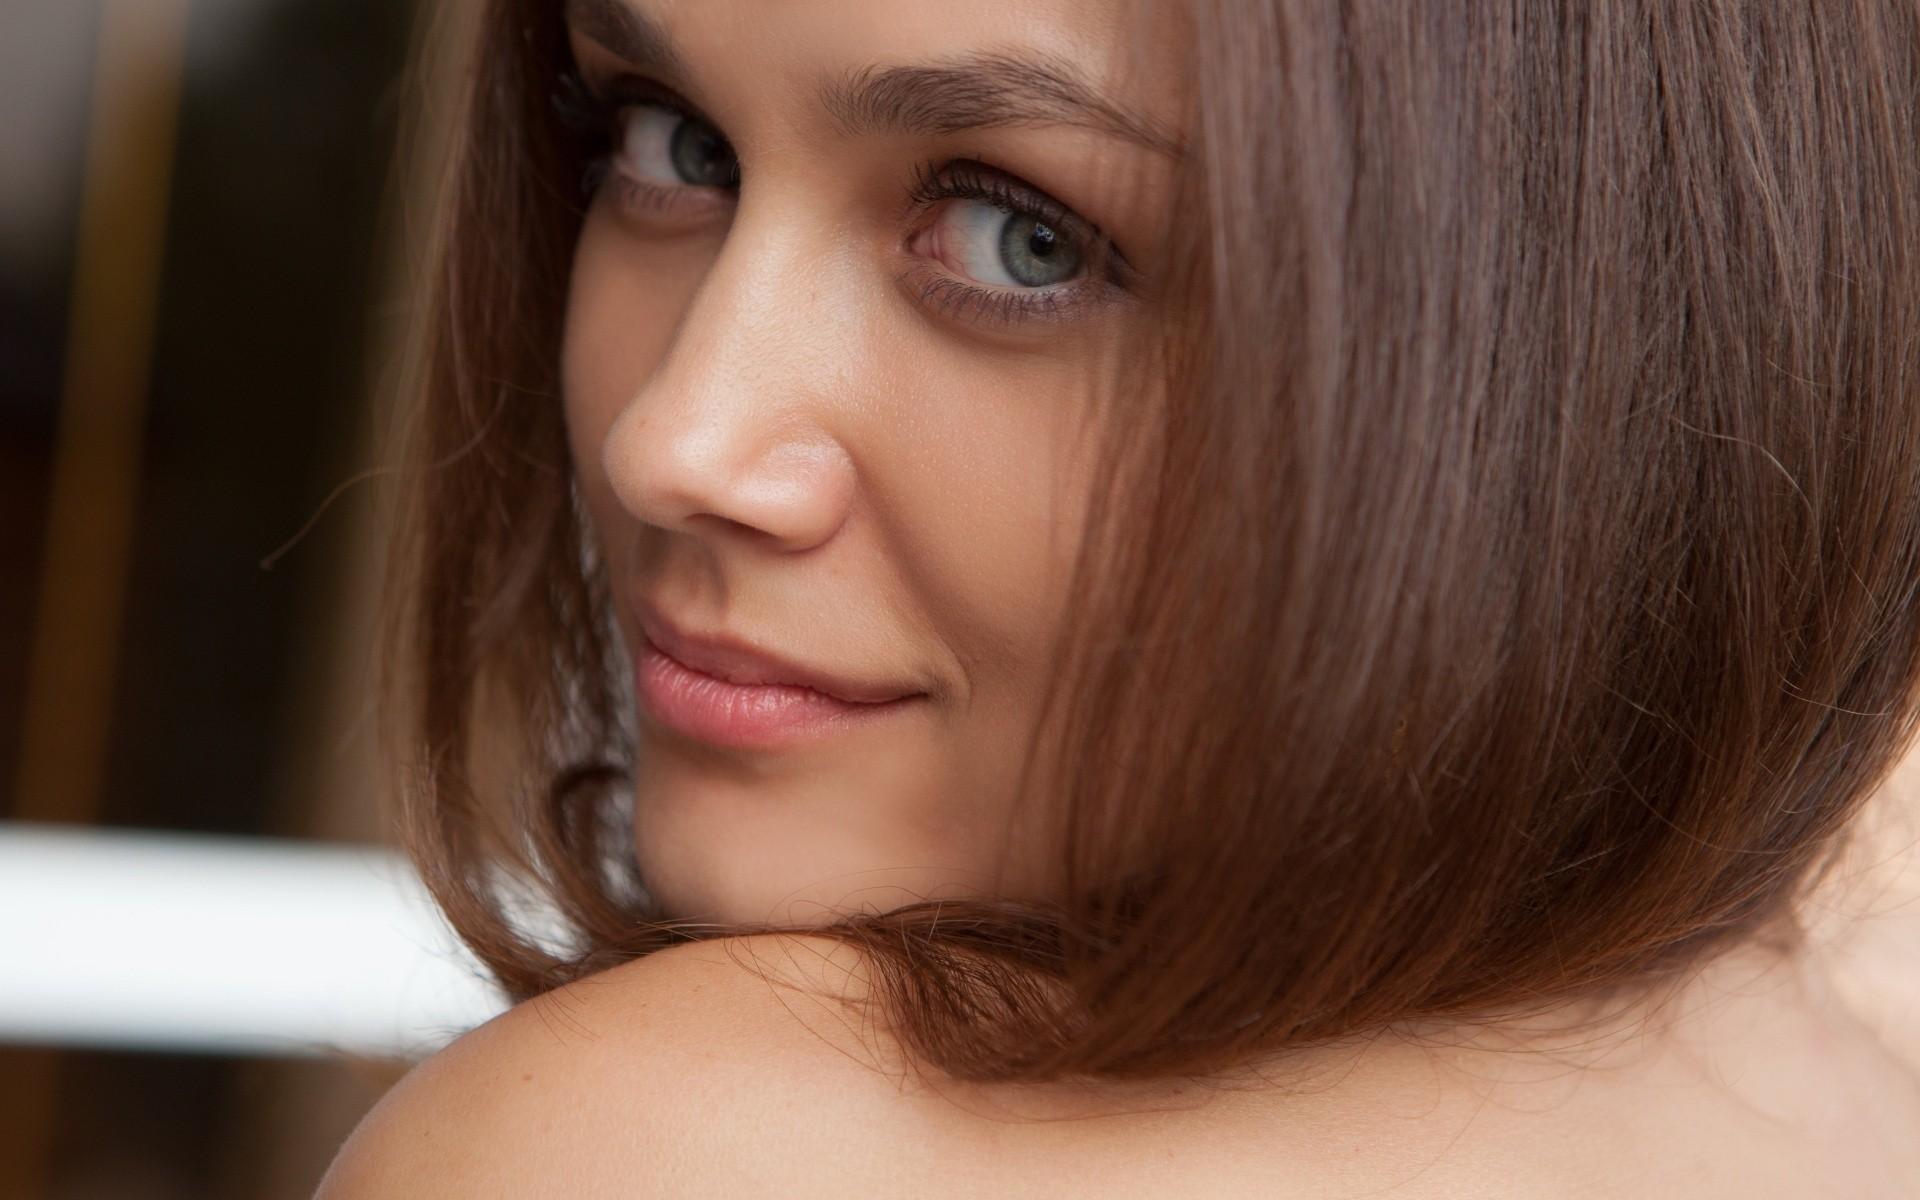 Первое лицо фото девушка посетила